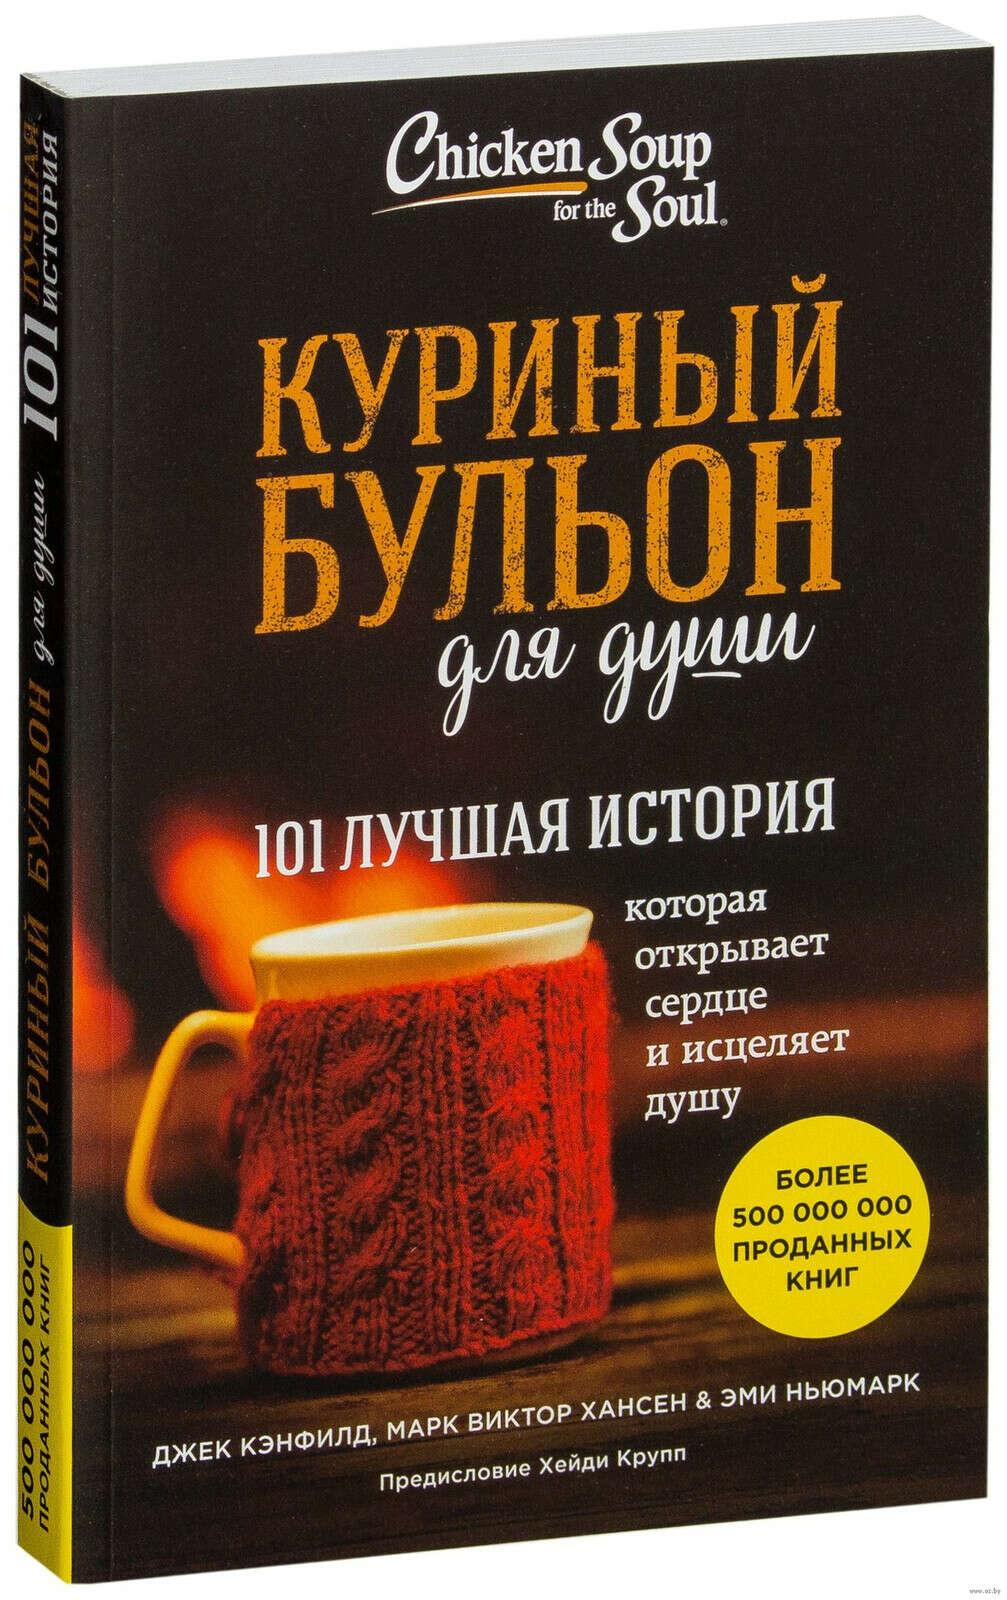 Куриный бульон для души: 101 лучшая история - на OZ.by